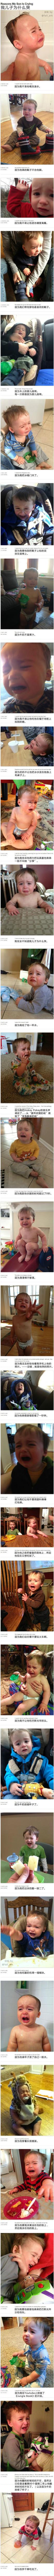 一个十分(不)靠谱的老爸,把自己的儿子每次哭的时候的原因都记下来,然后和哭时的照片一起发到网上,超欢乐的啊!(转)